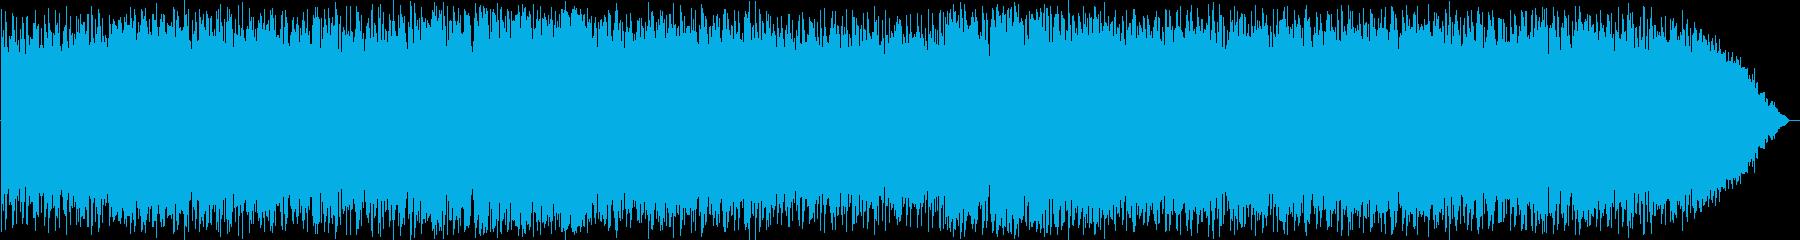 力強いケーナのニューエイジ音楽の再生済みの波形